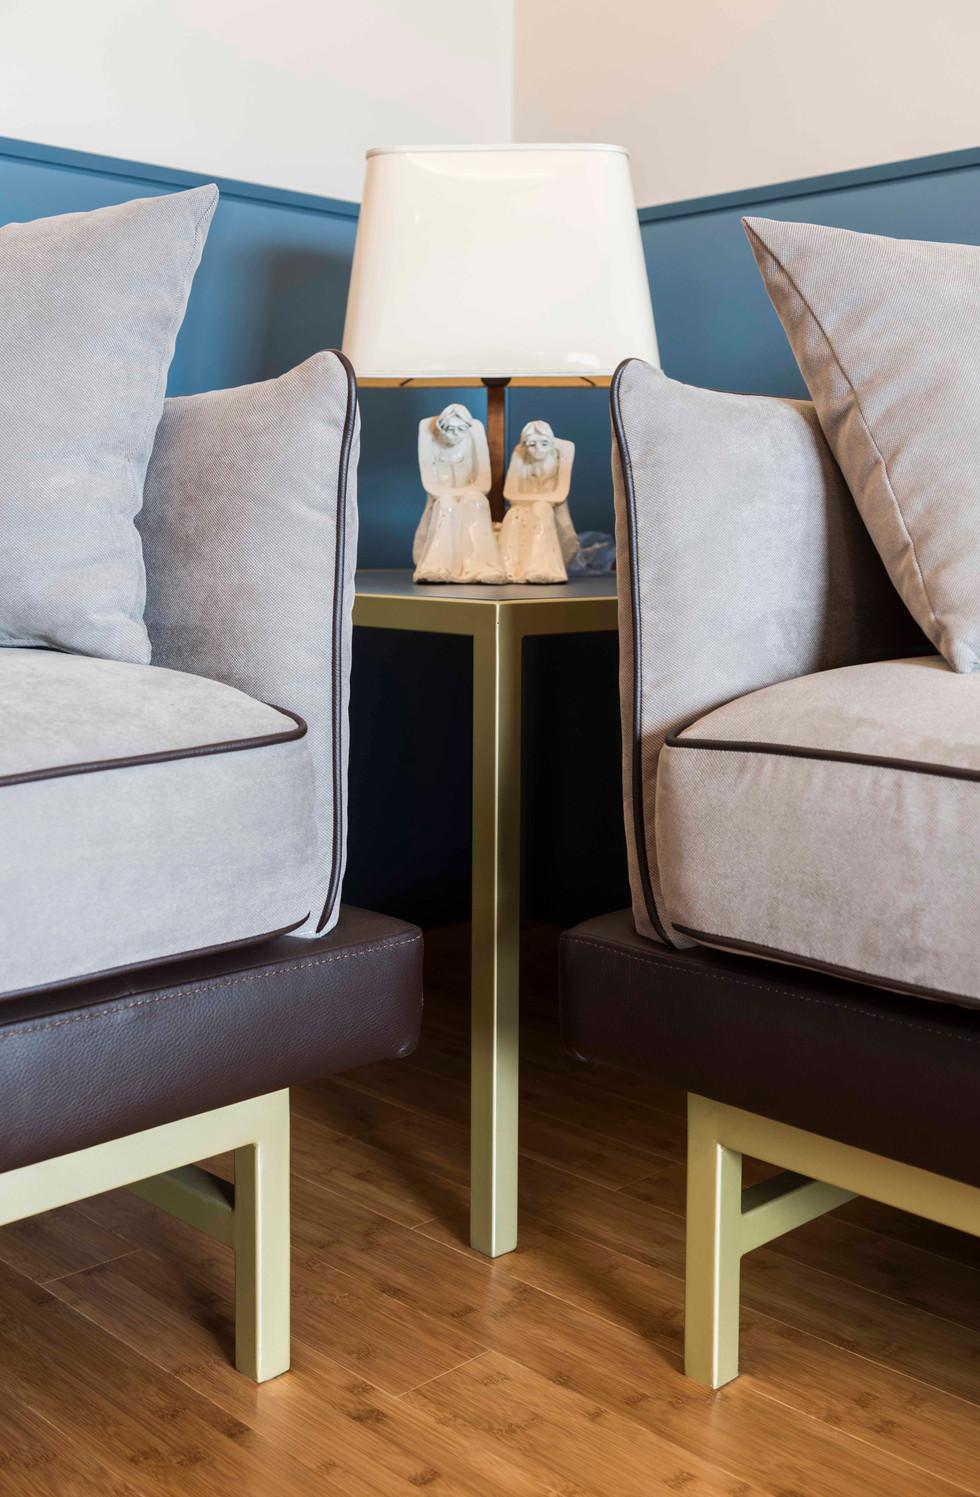 dettaglio divani I sofas detail